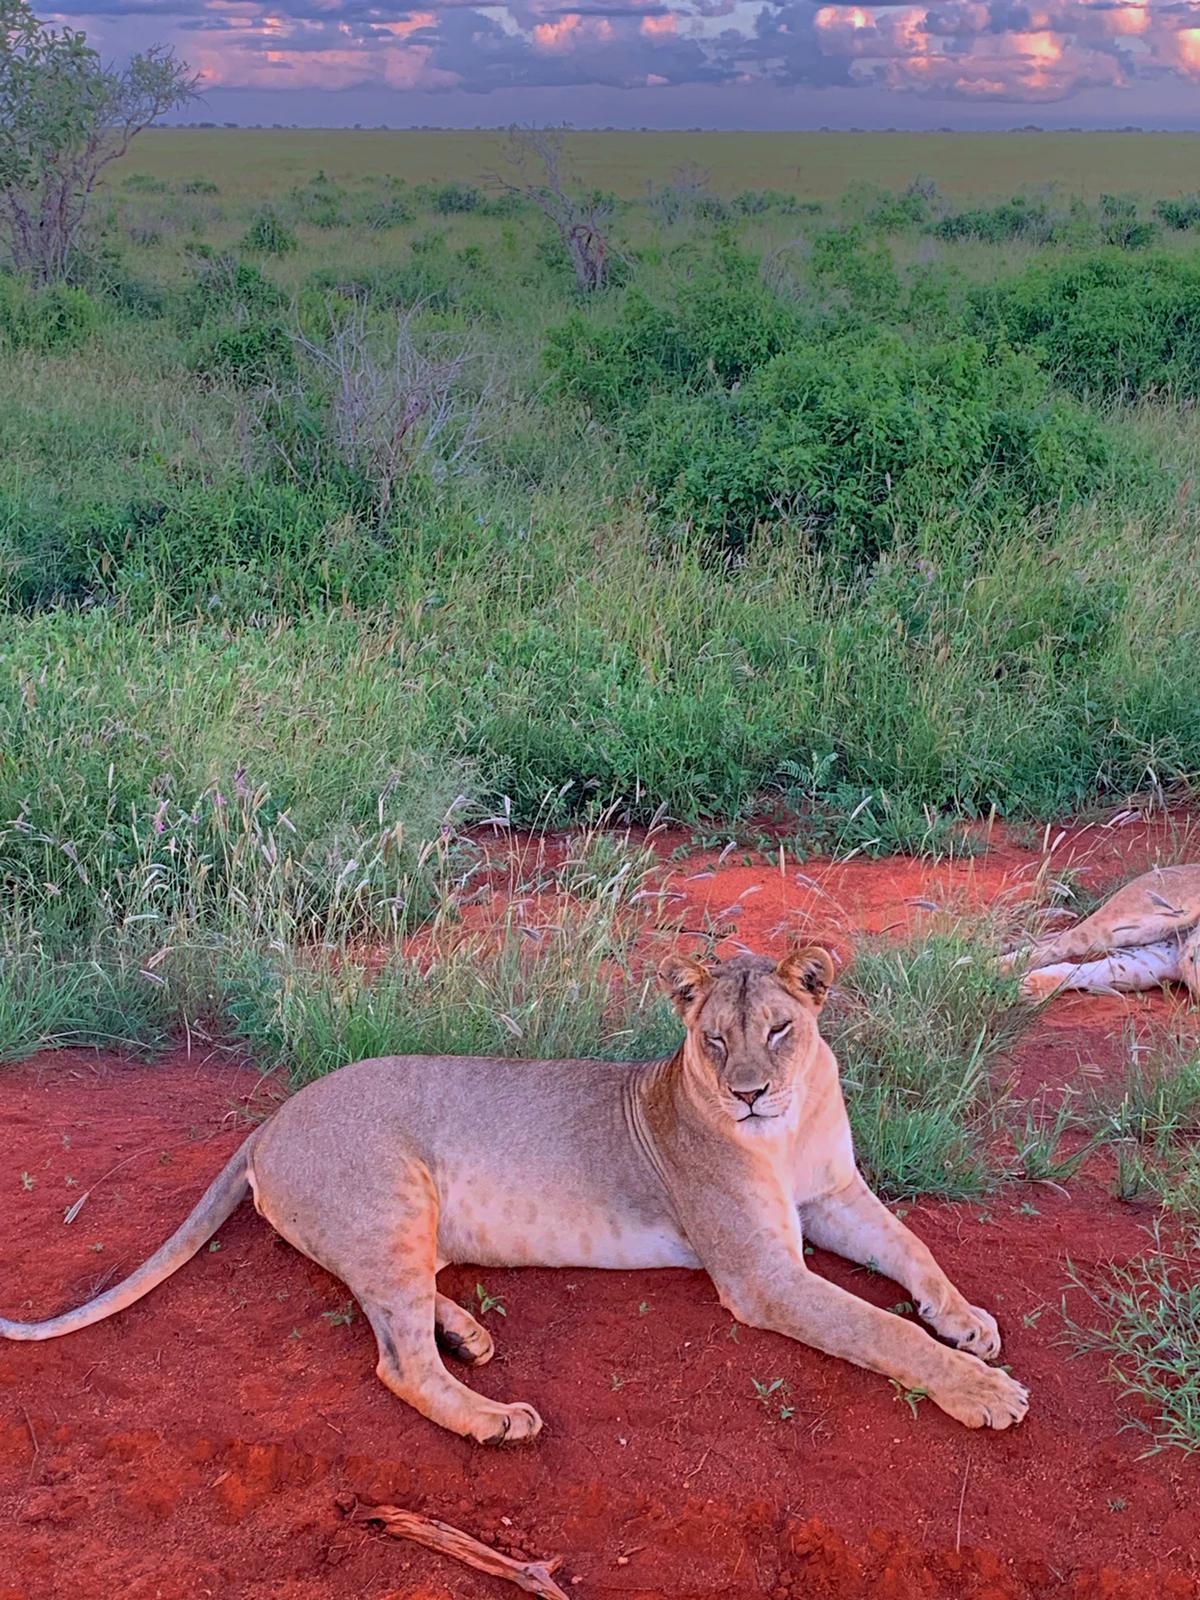 WhatsApp Image 2019 12 16 at 13.45.33 - Safari Samburu . Olpejeta . Lago Nakuru . Lago Bogoria . Lago Naivasha . Masai Mara . Nairobi . Amboseli . Tsavo Ovest . Taita Hills . Tsavo Est